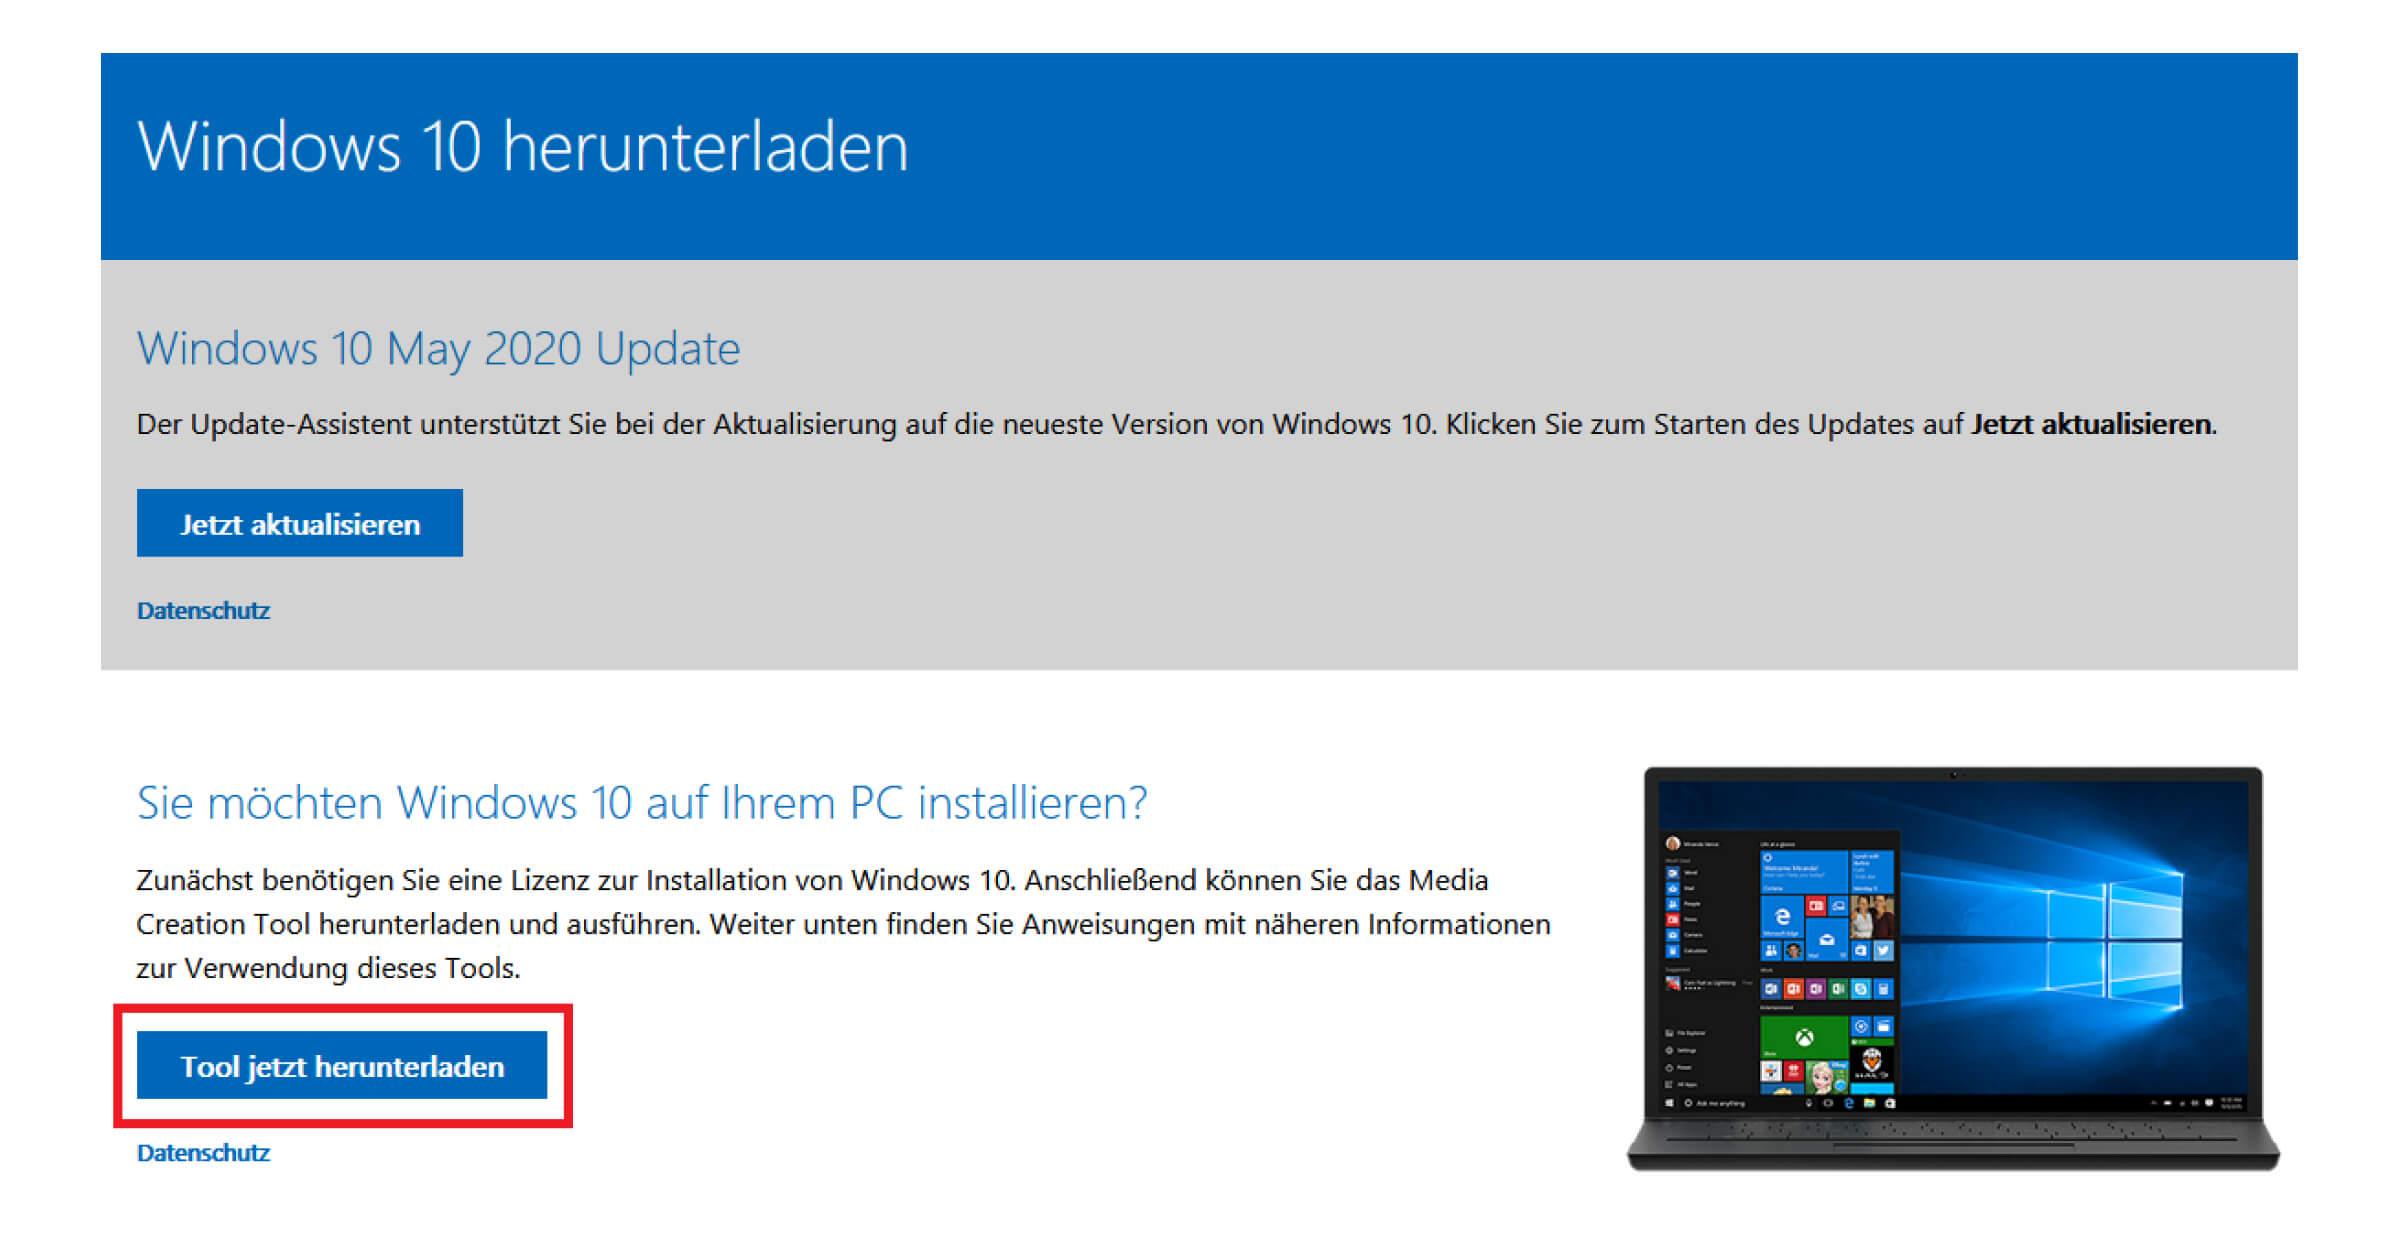 Das Media Creation Tool hilft beim Upgrade von Windows 7 auf Windows 10